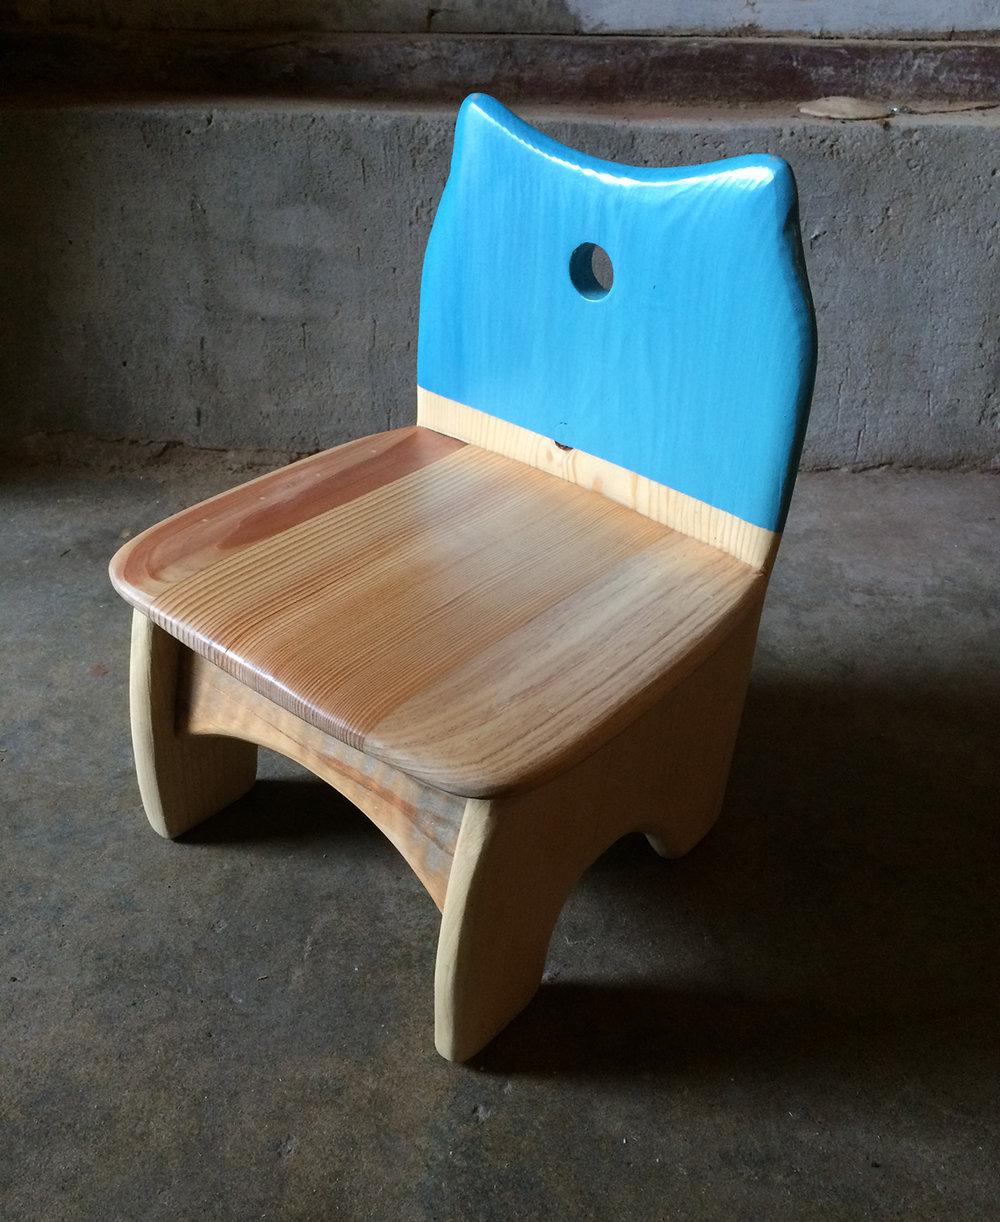 dip_chair.jpg